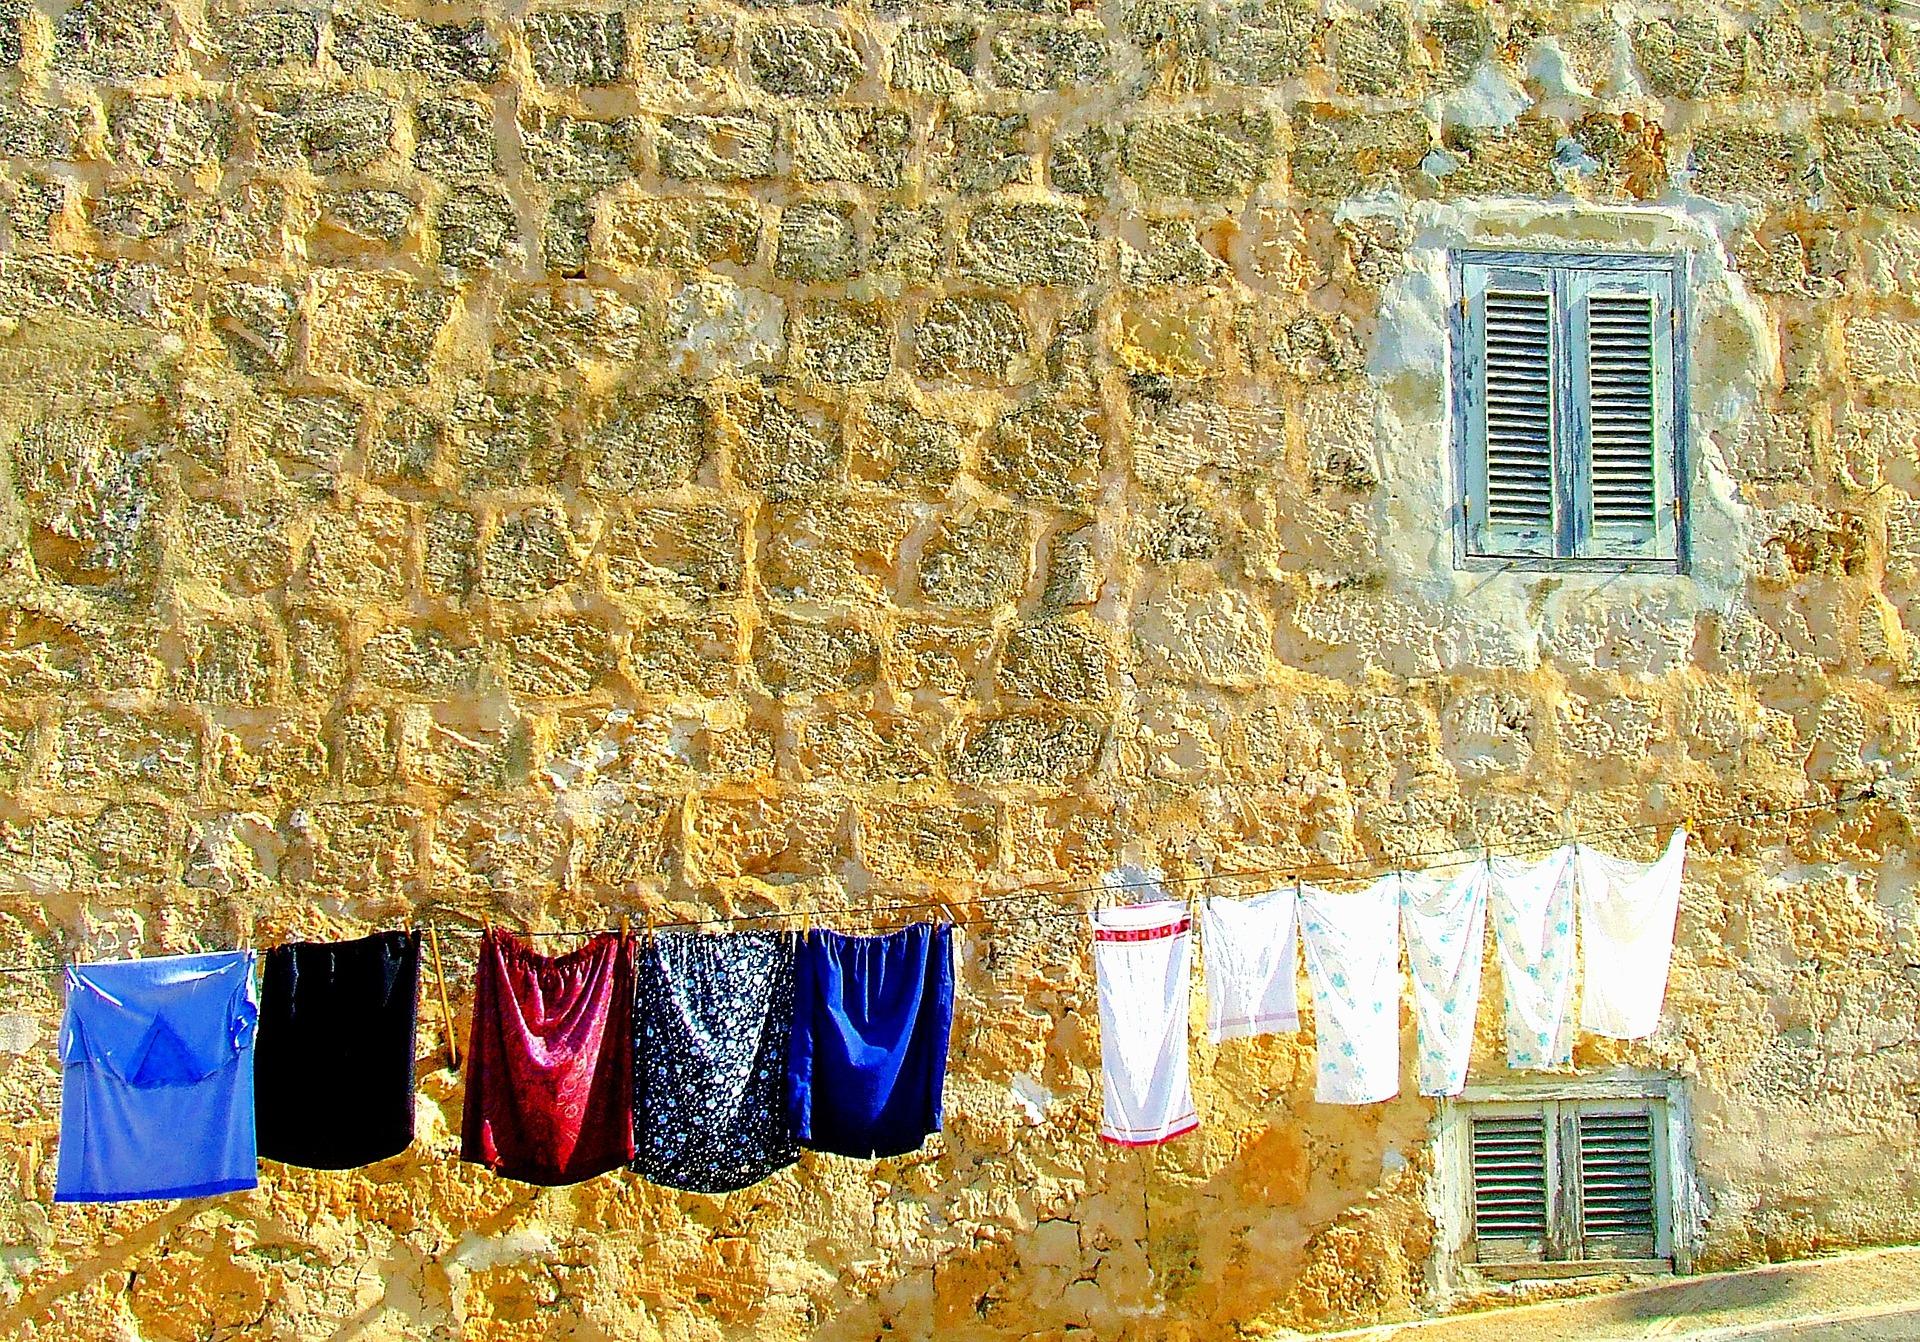 washing-day-1040031_1920